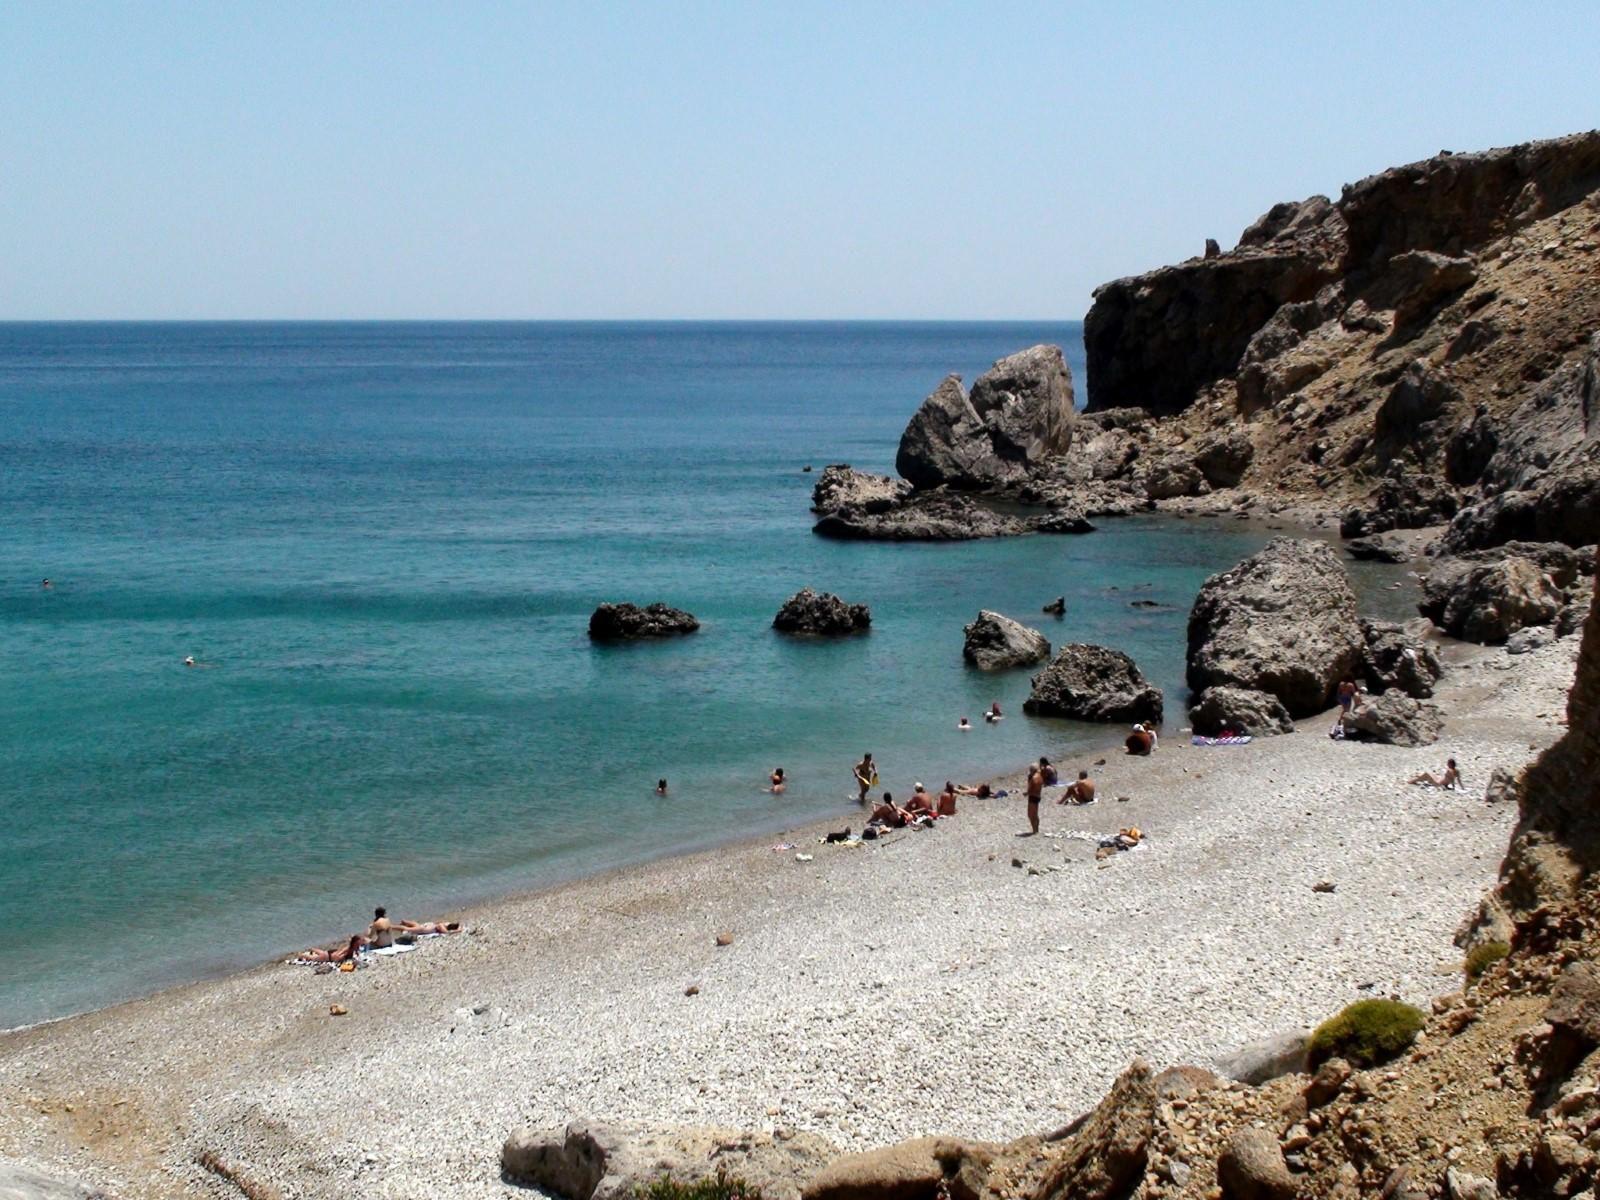 Μαριδάκι, Παραλία στο Ηράκλειο Κρήτης